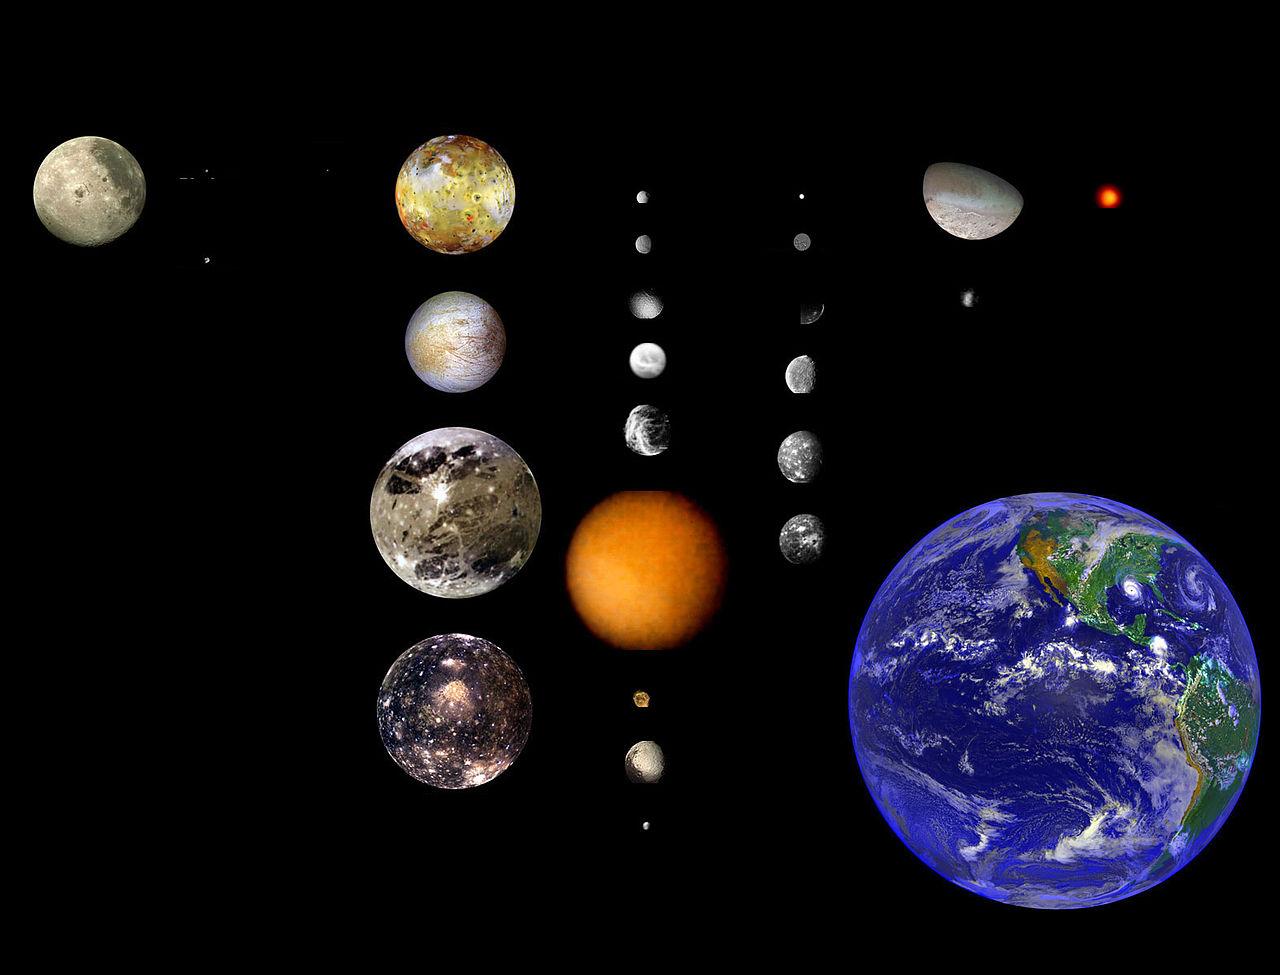 Description moons of solar system v7